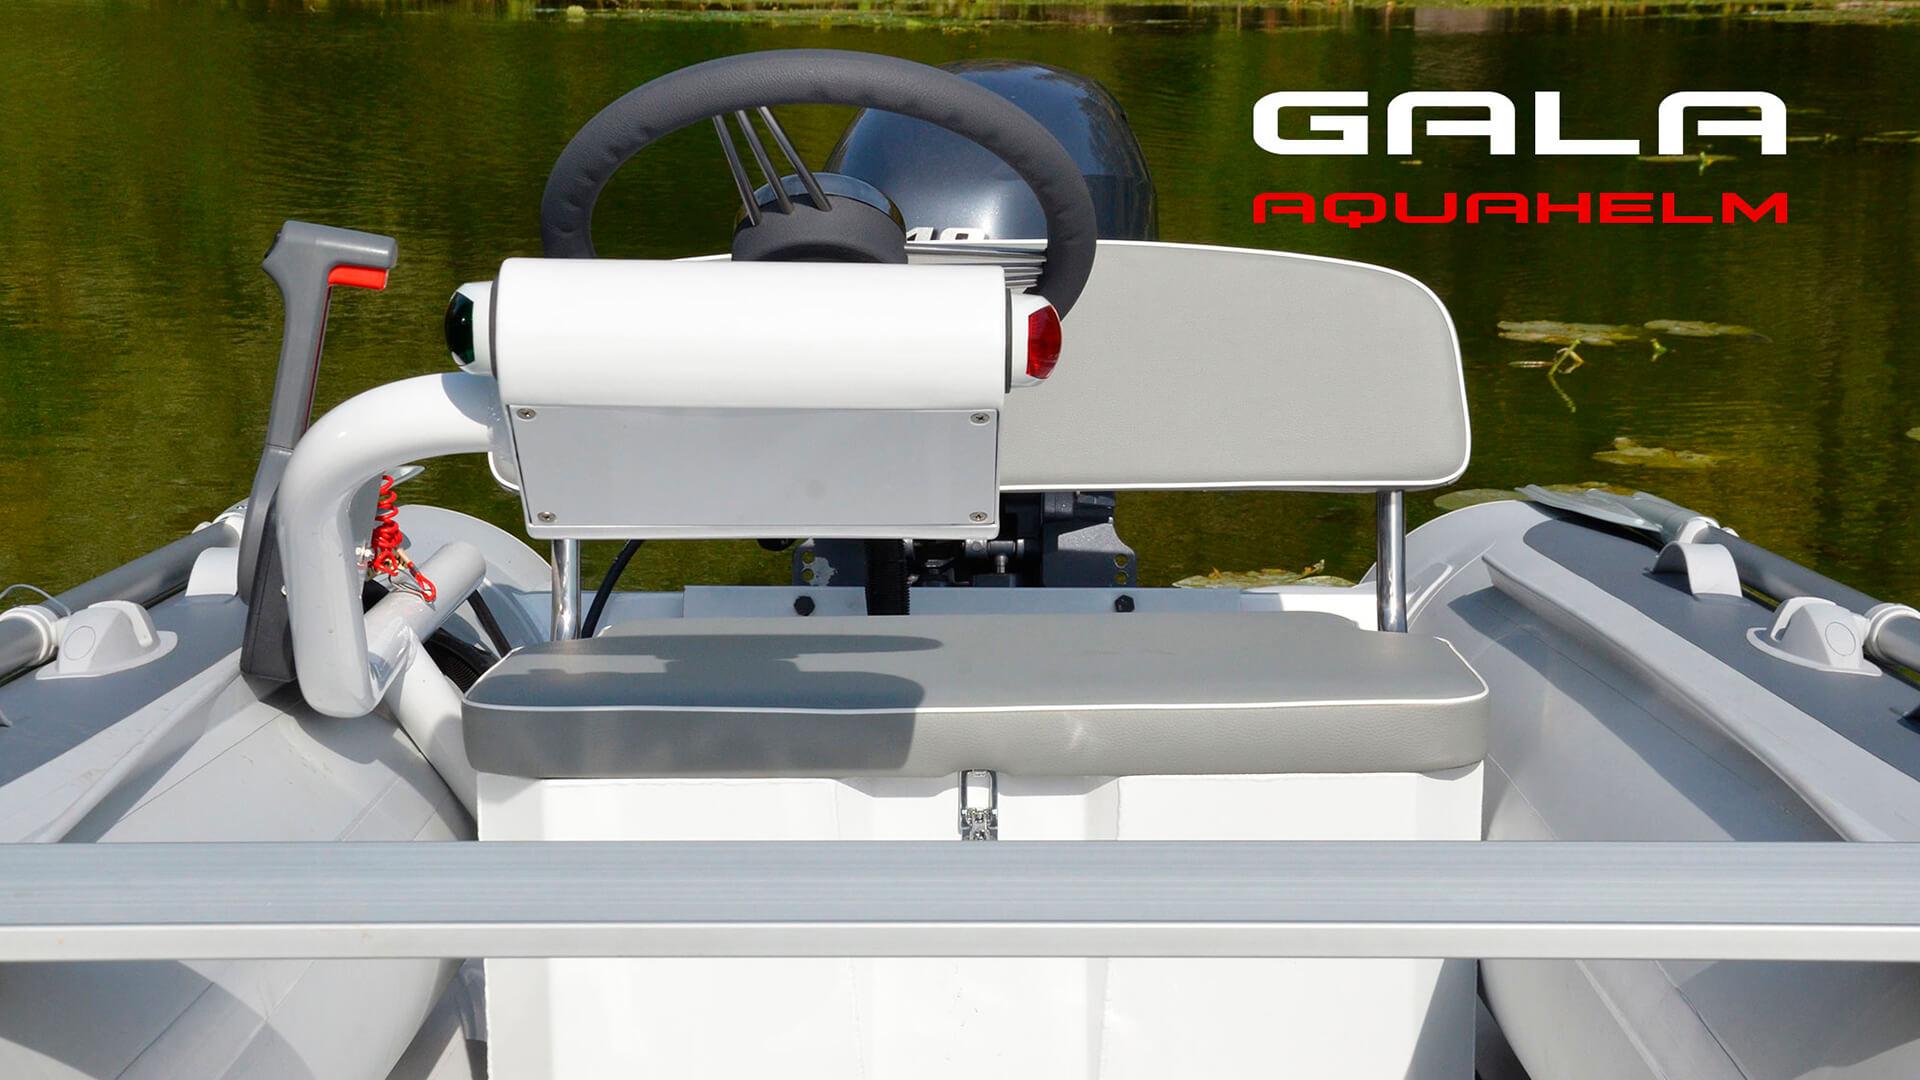 Надувная лодка с жестким алюминиевым дном GALA Atlantis Aquahelm A360Q, Надувная лодка с жестким дном GALA Atlantis Aquahelm A360Q, Надувная лодка с жестким дном GALA A360Q, GALA Atlantis Aquahelm A360Q, GALA Aquahelm A360Q, Надувная лодка GALA A360Q, Надувная лодка GALA A360Q, GALA A360Q, лодка с жестким дном, алюминиевый риб, алюминиевый RIB, RIB